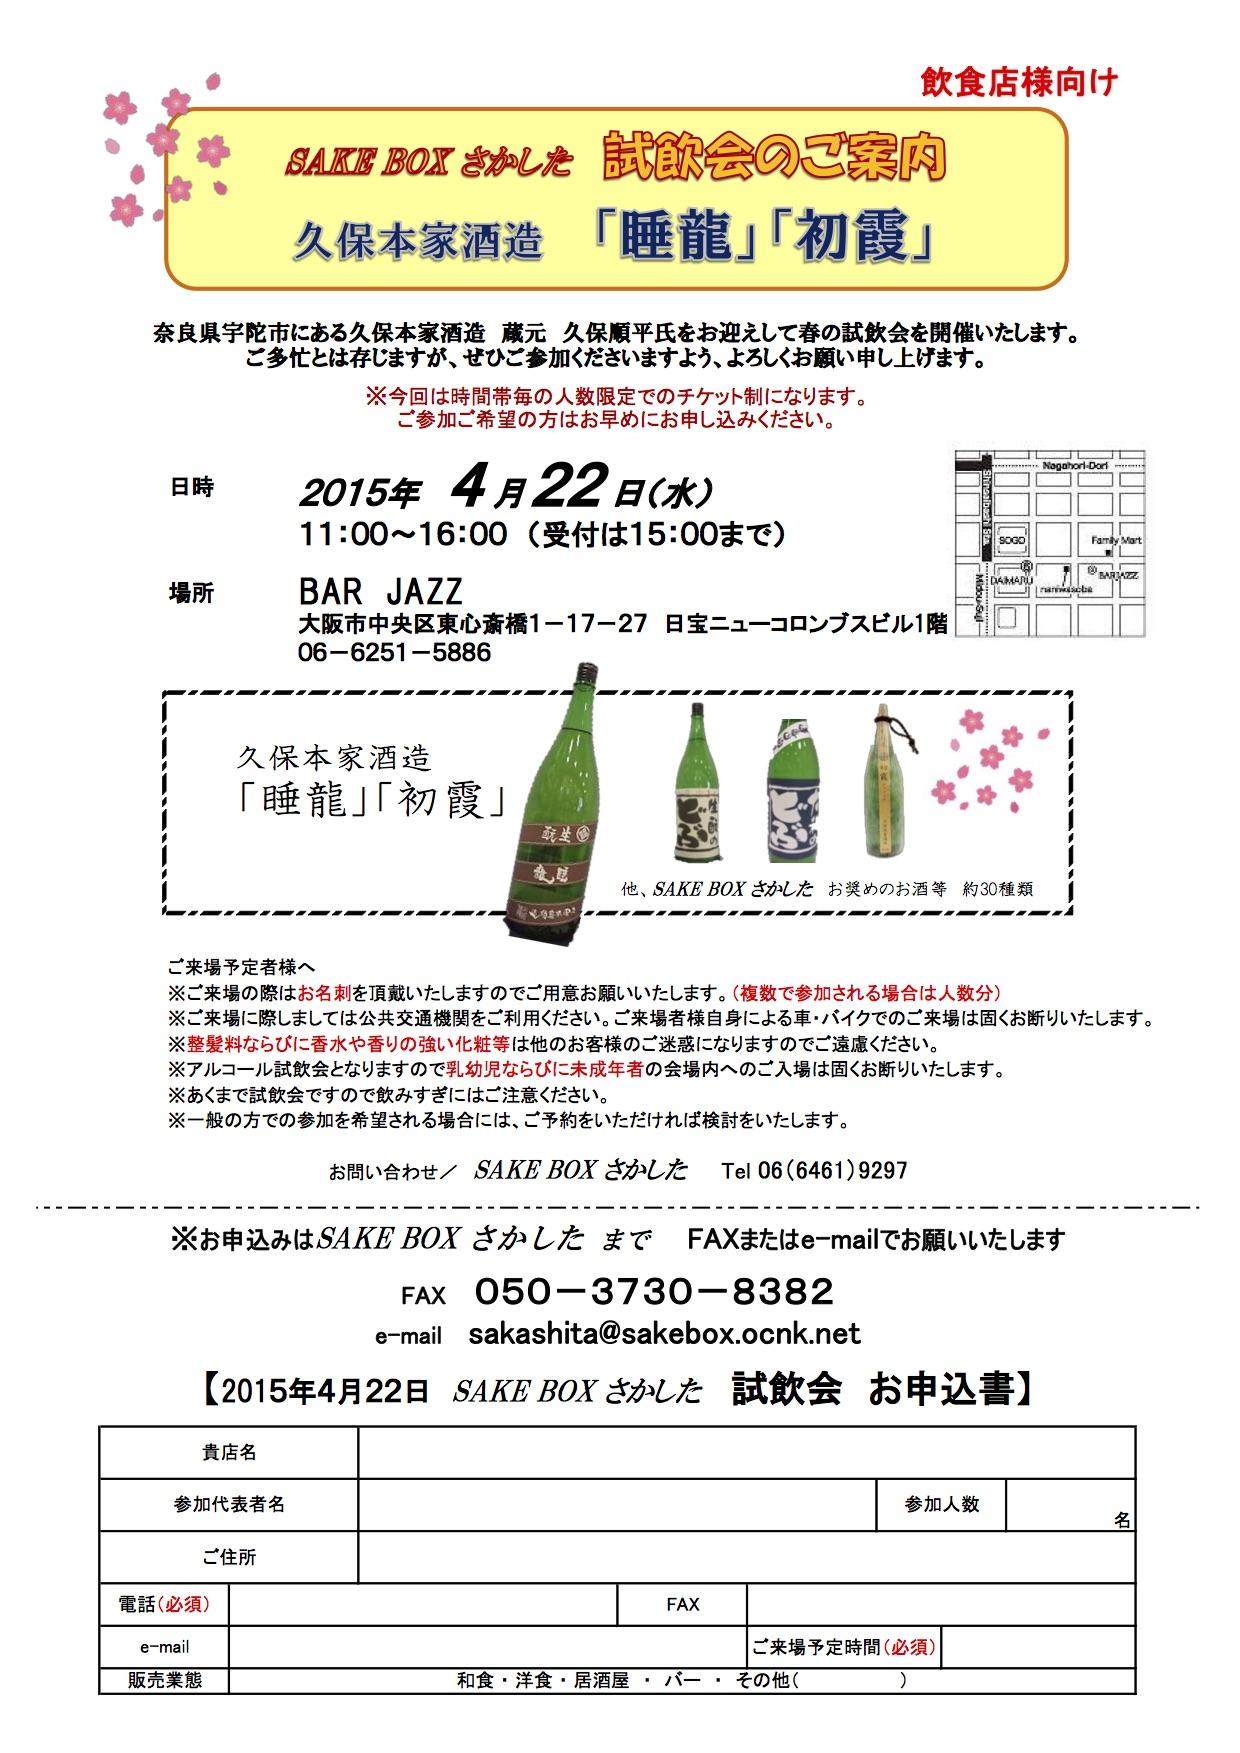 20150422試飲会案内 のコピー.jpg